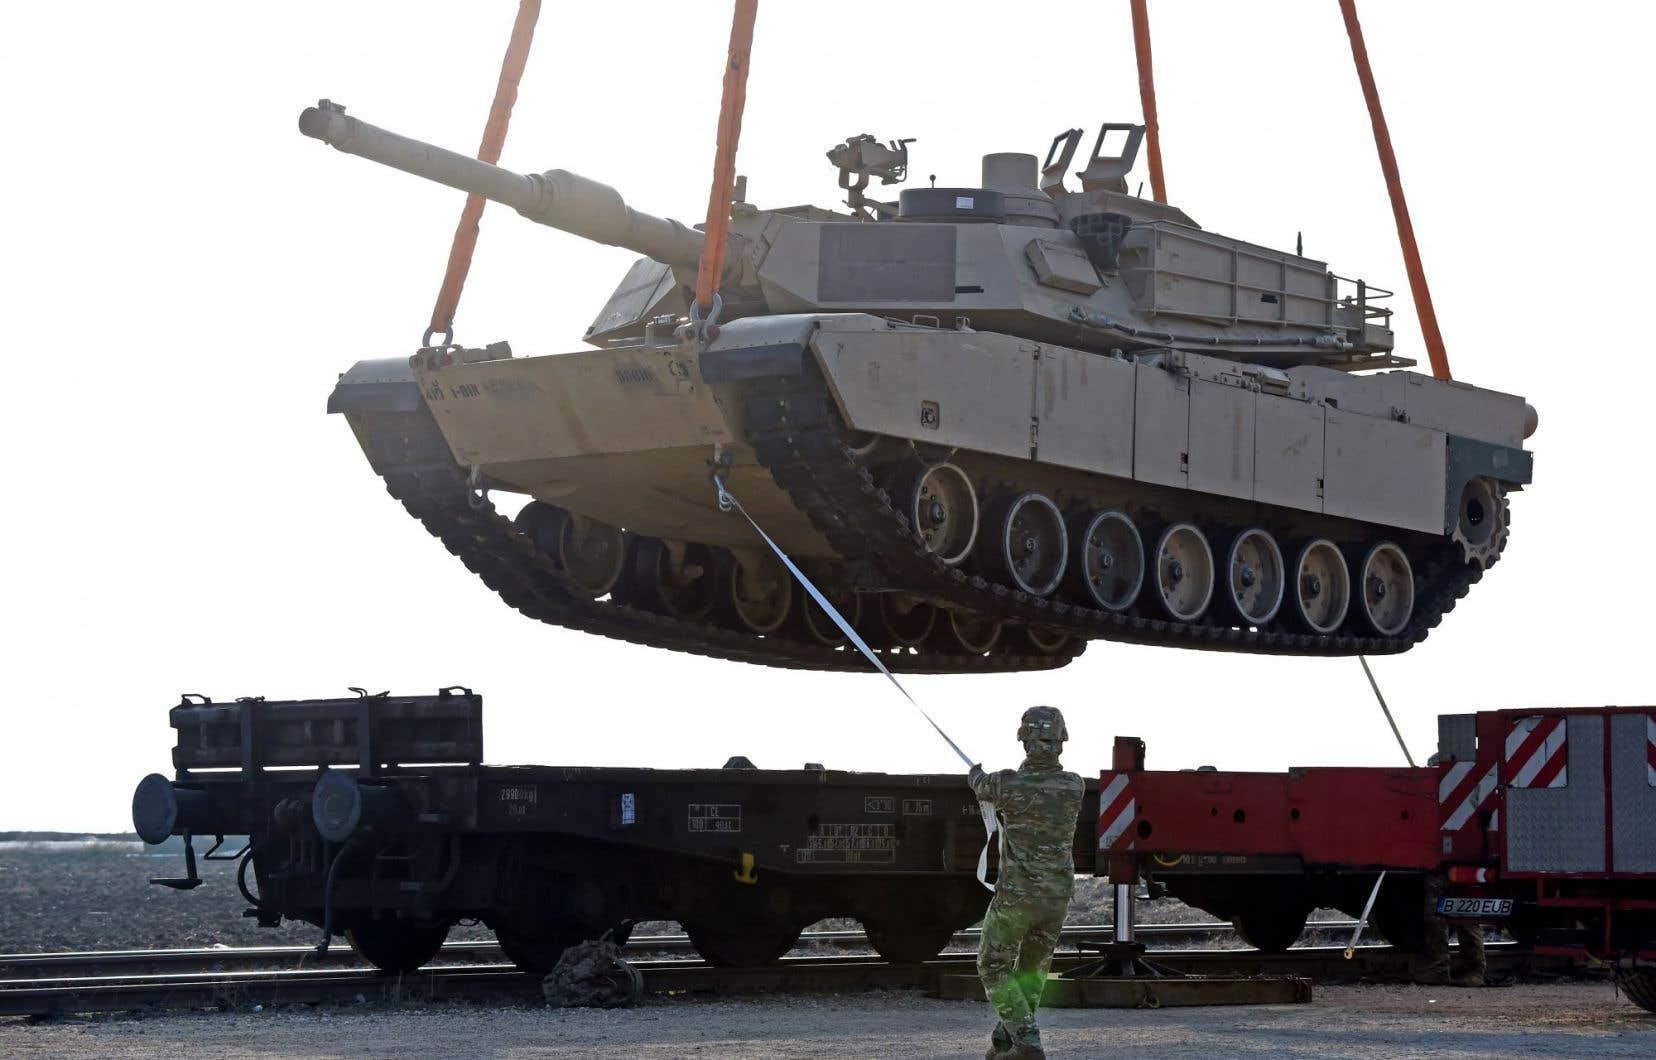 Un soldat américain aide au déchargement d'un char d'assaut sur une base militaire en Roumanie.